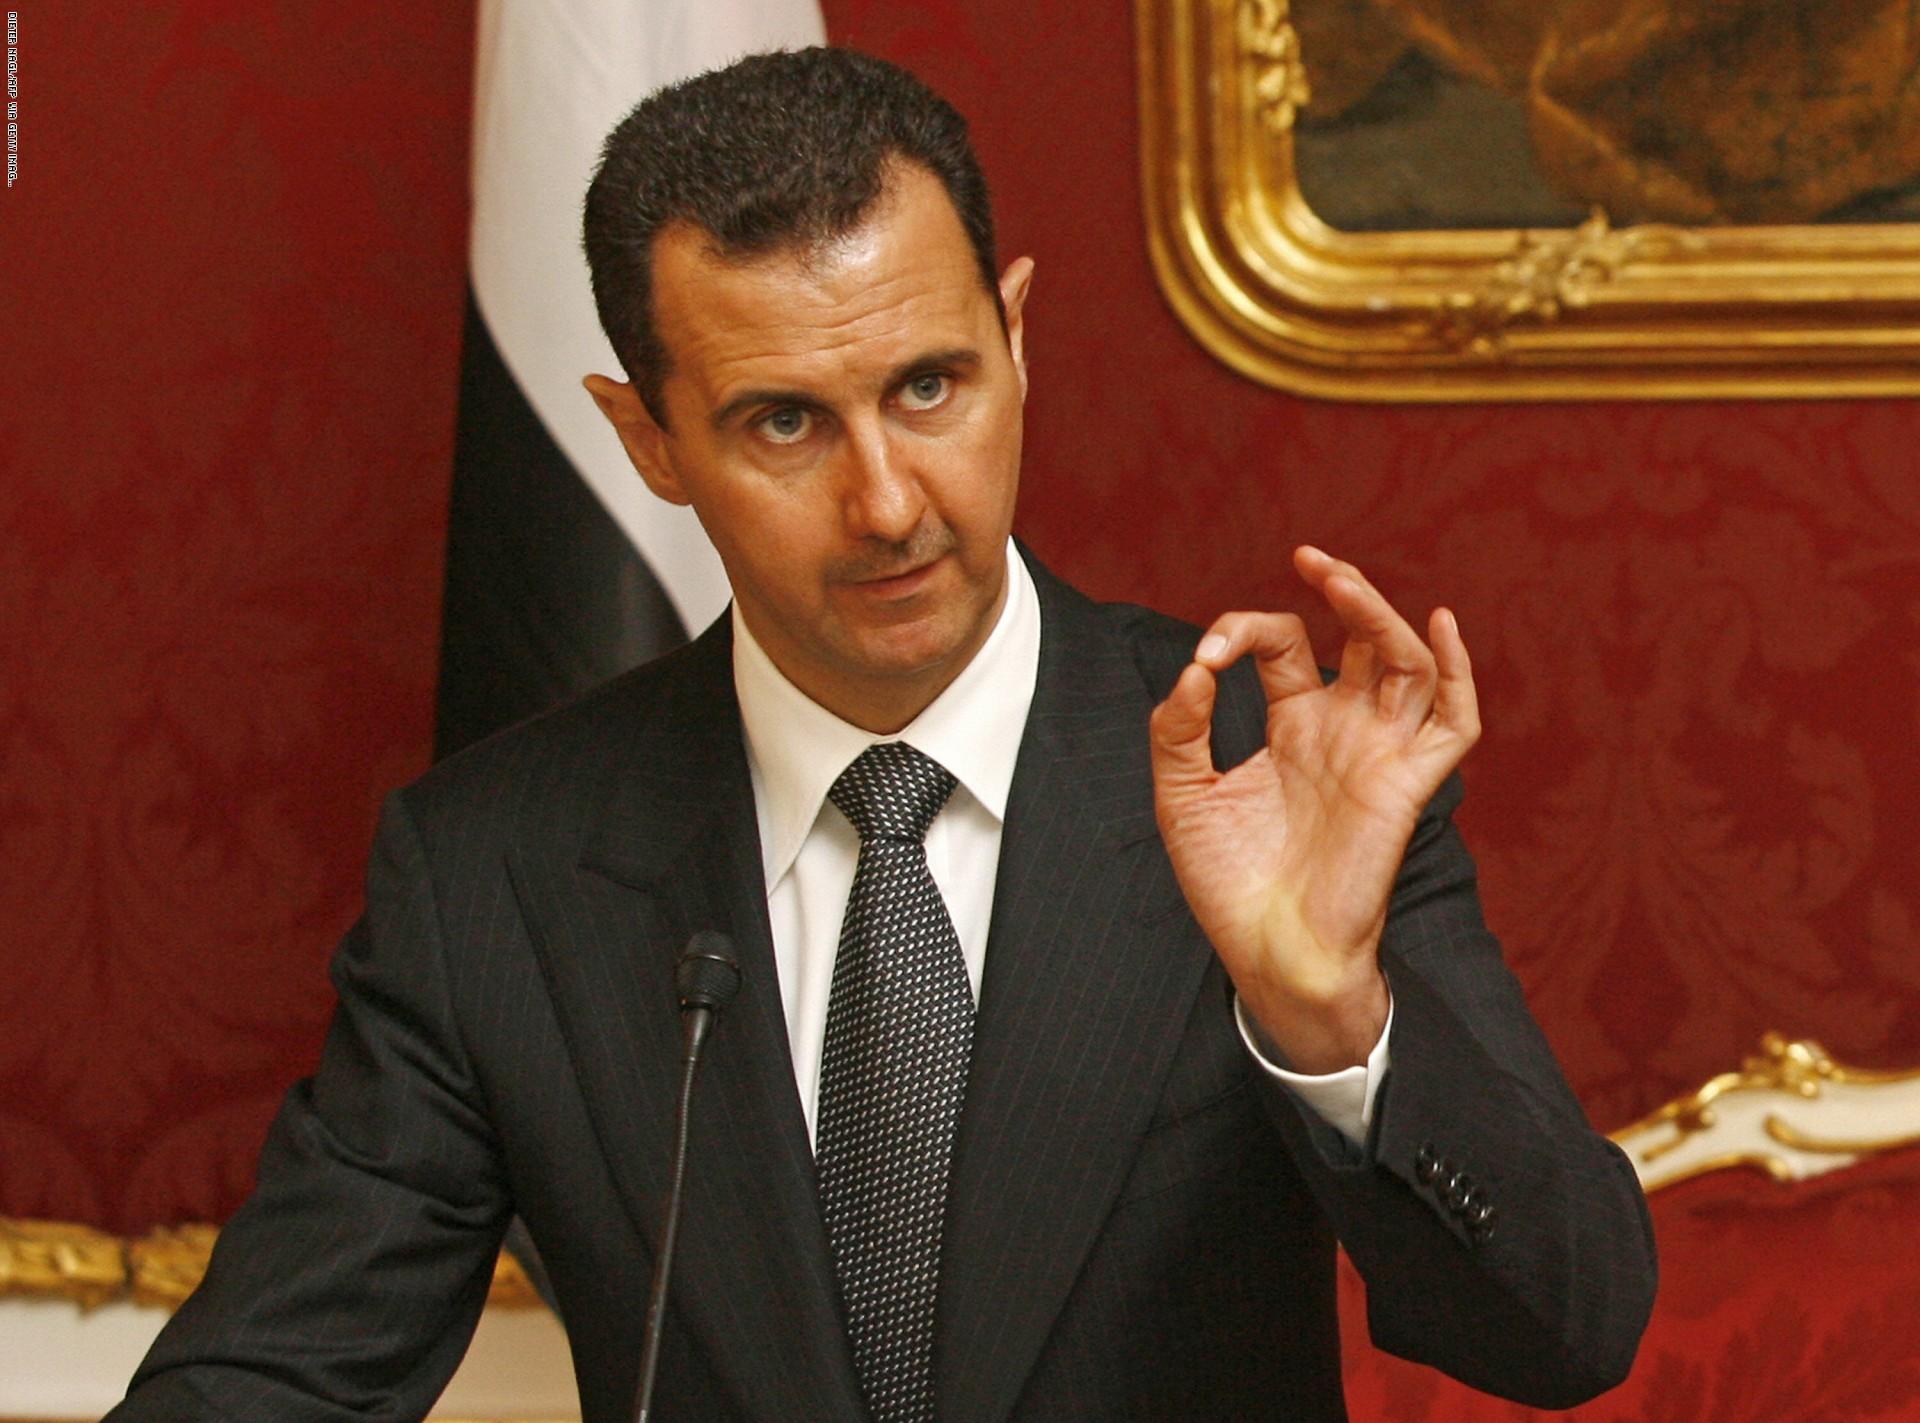 في دراسة قدمها ...باحث سوري في موسكو يؤكد حتمية رحيل بشار الأسد